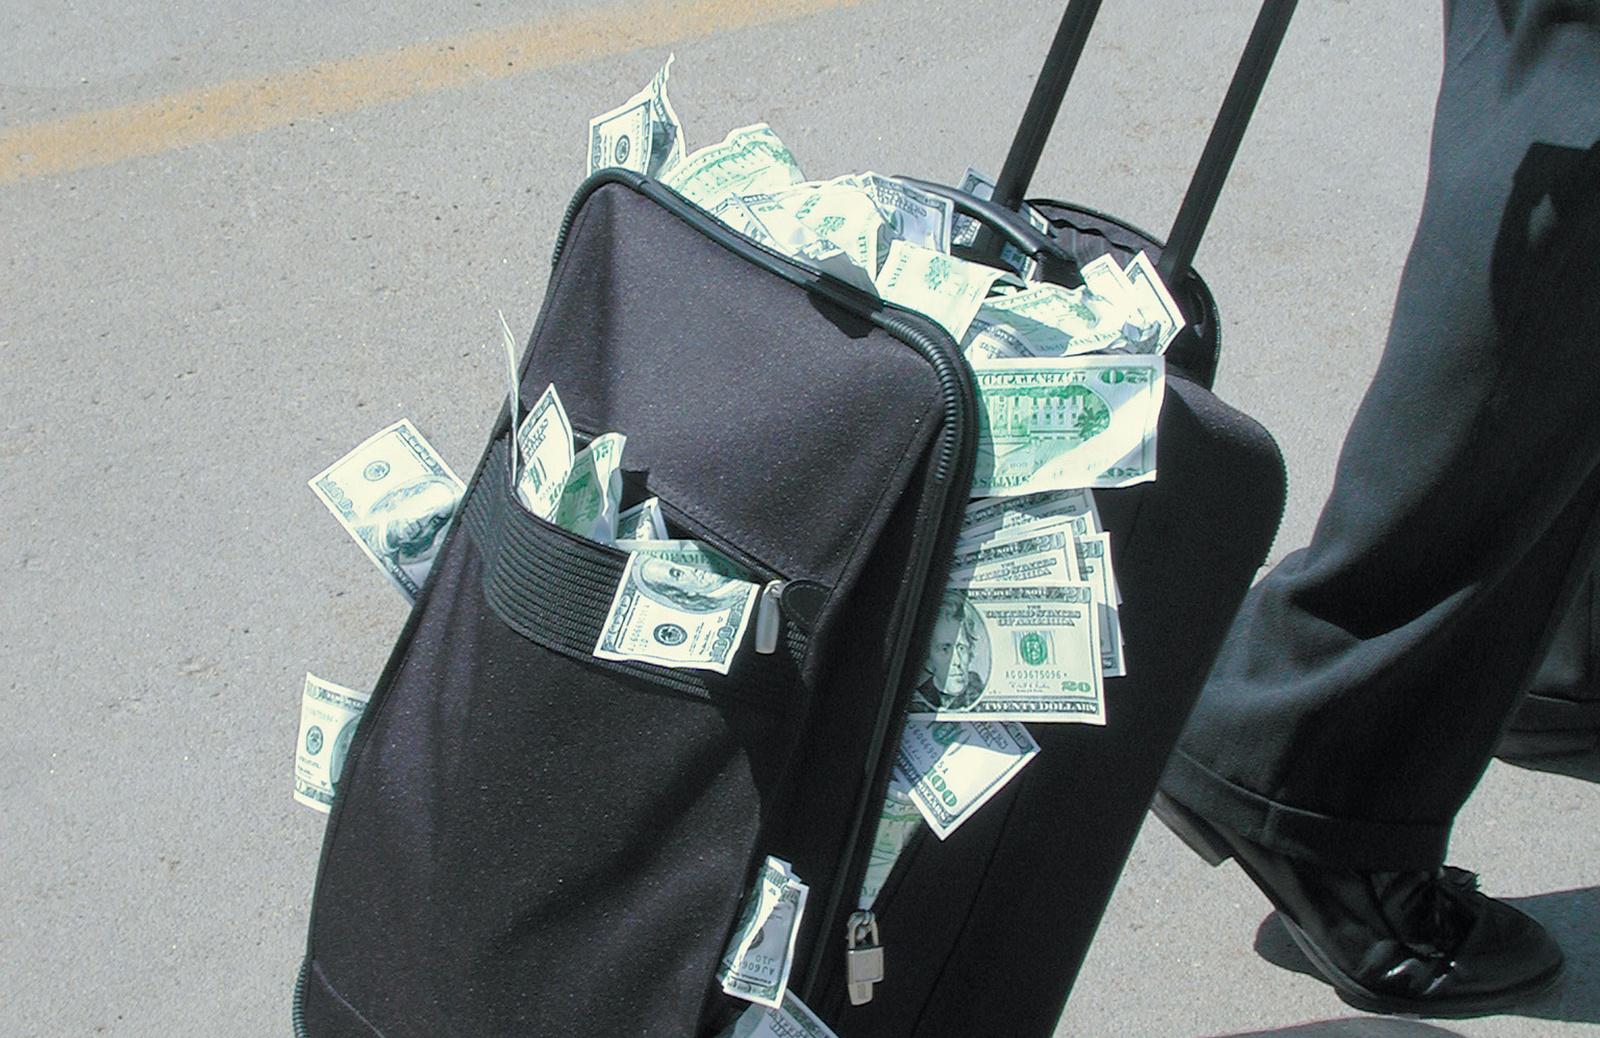 Devyni iš tikrųjų turtingų žmonių įpročiai